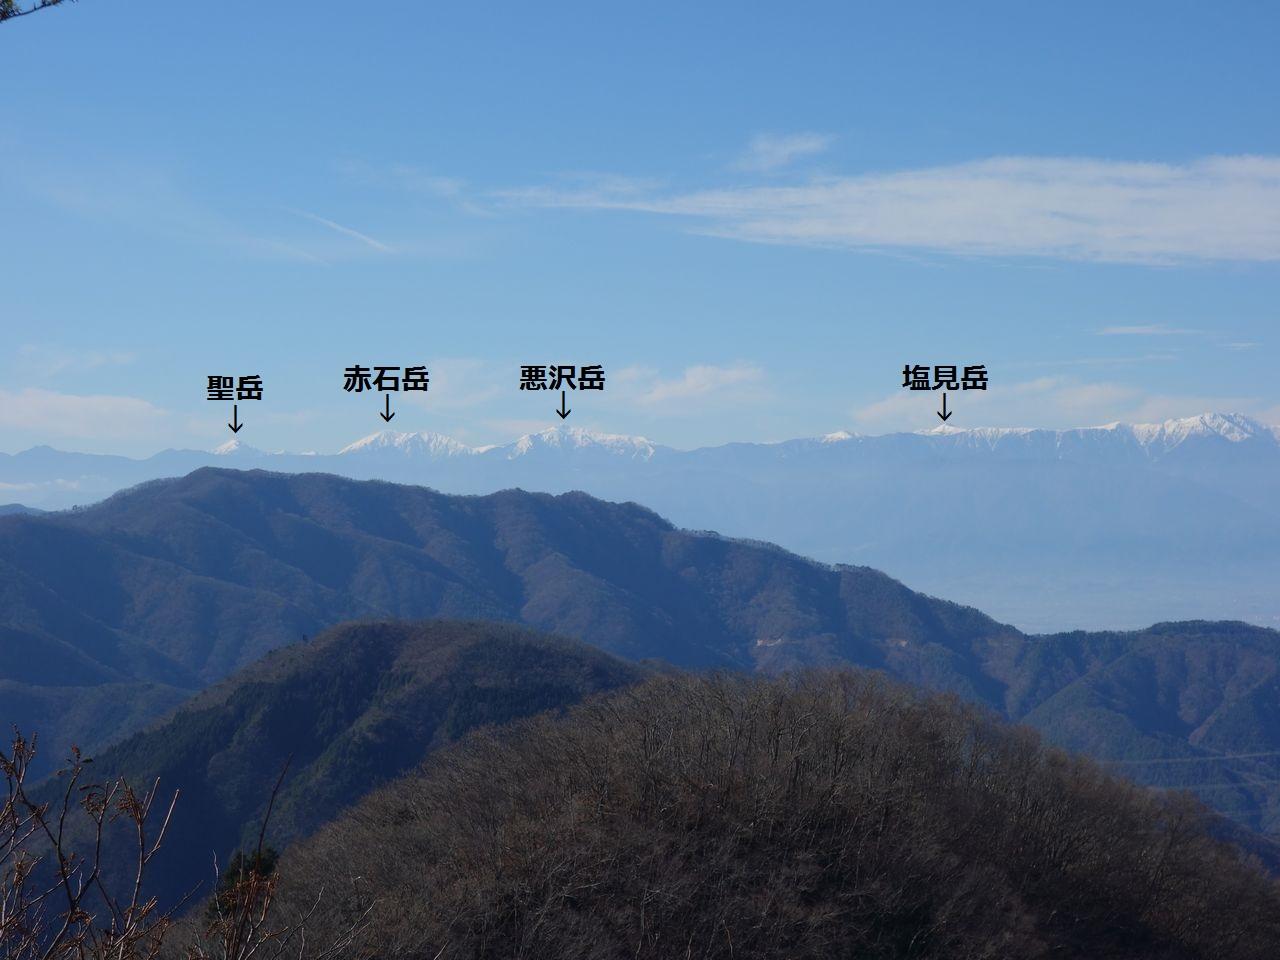 お坊山から見た南アルプス南部の山々